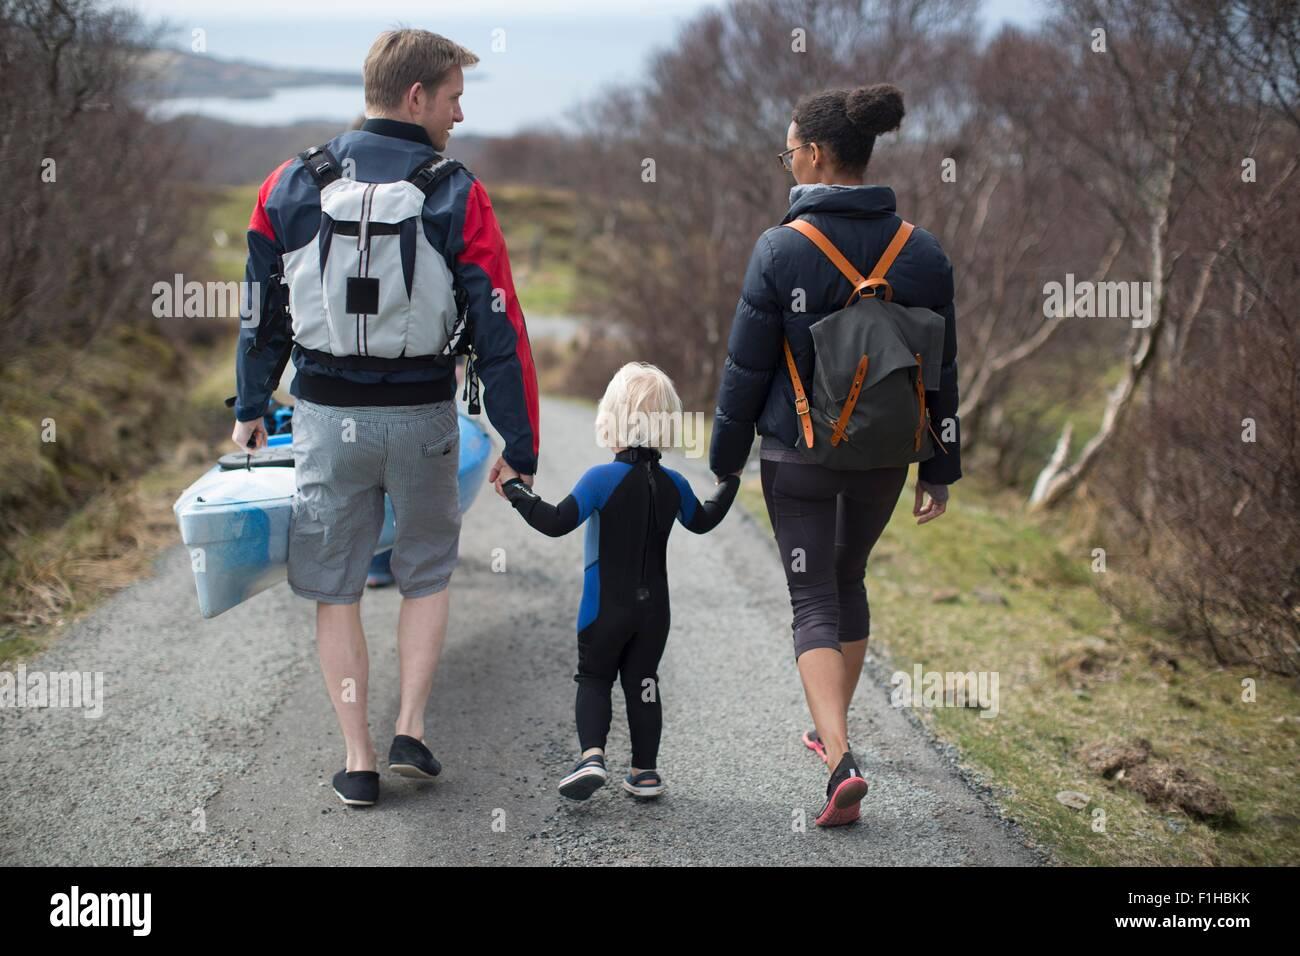 Famiglia camminando sulla strada di campagna Holding Hands, vista posteriore Immagini Stock